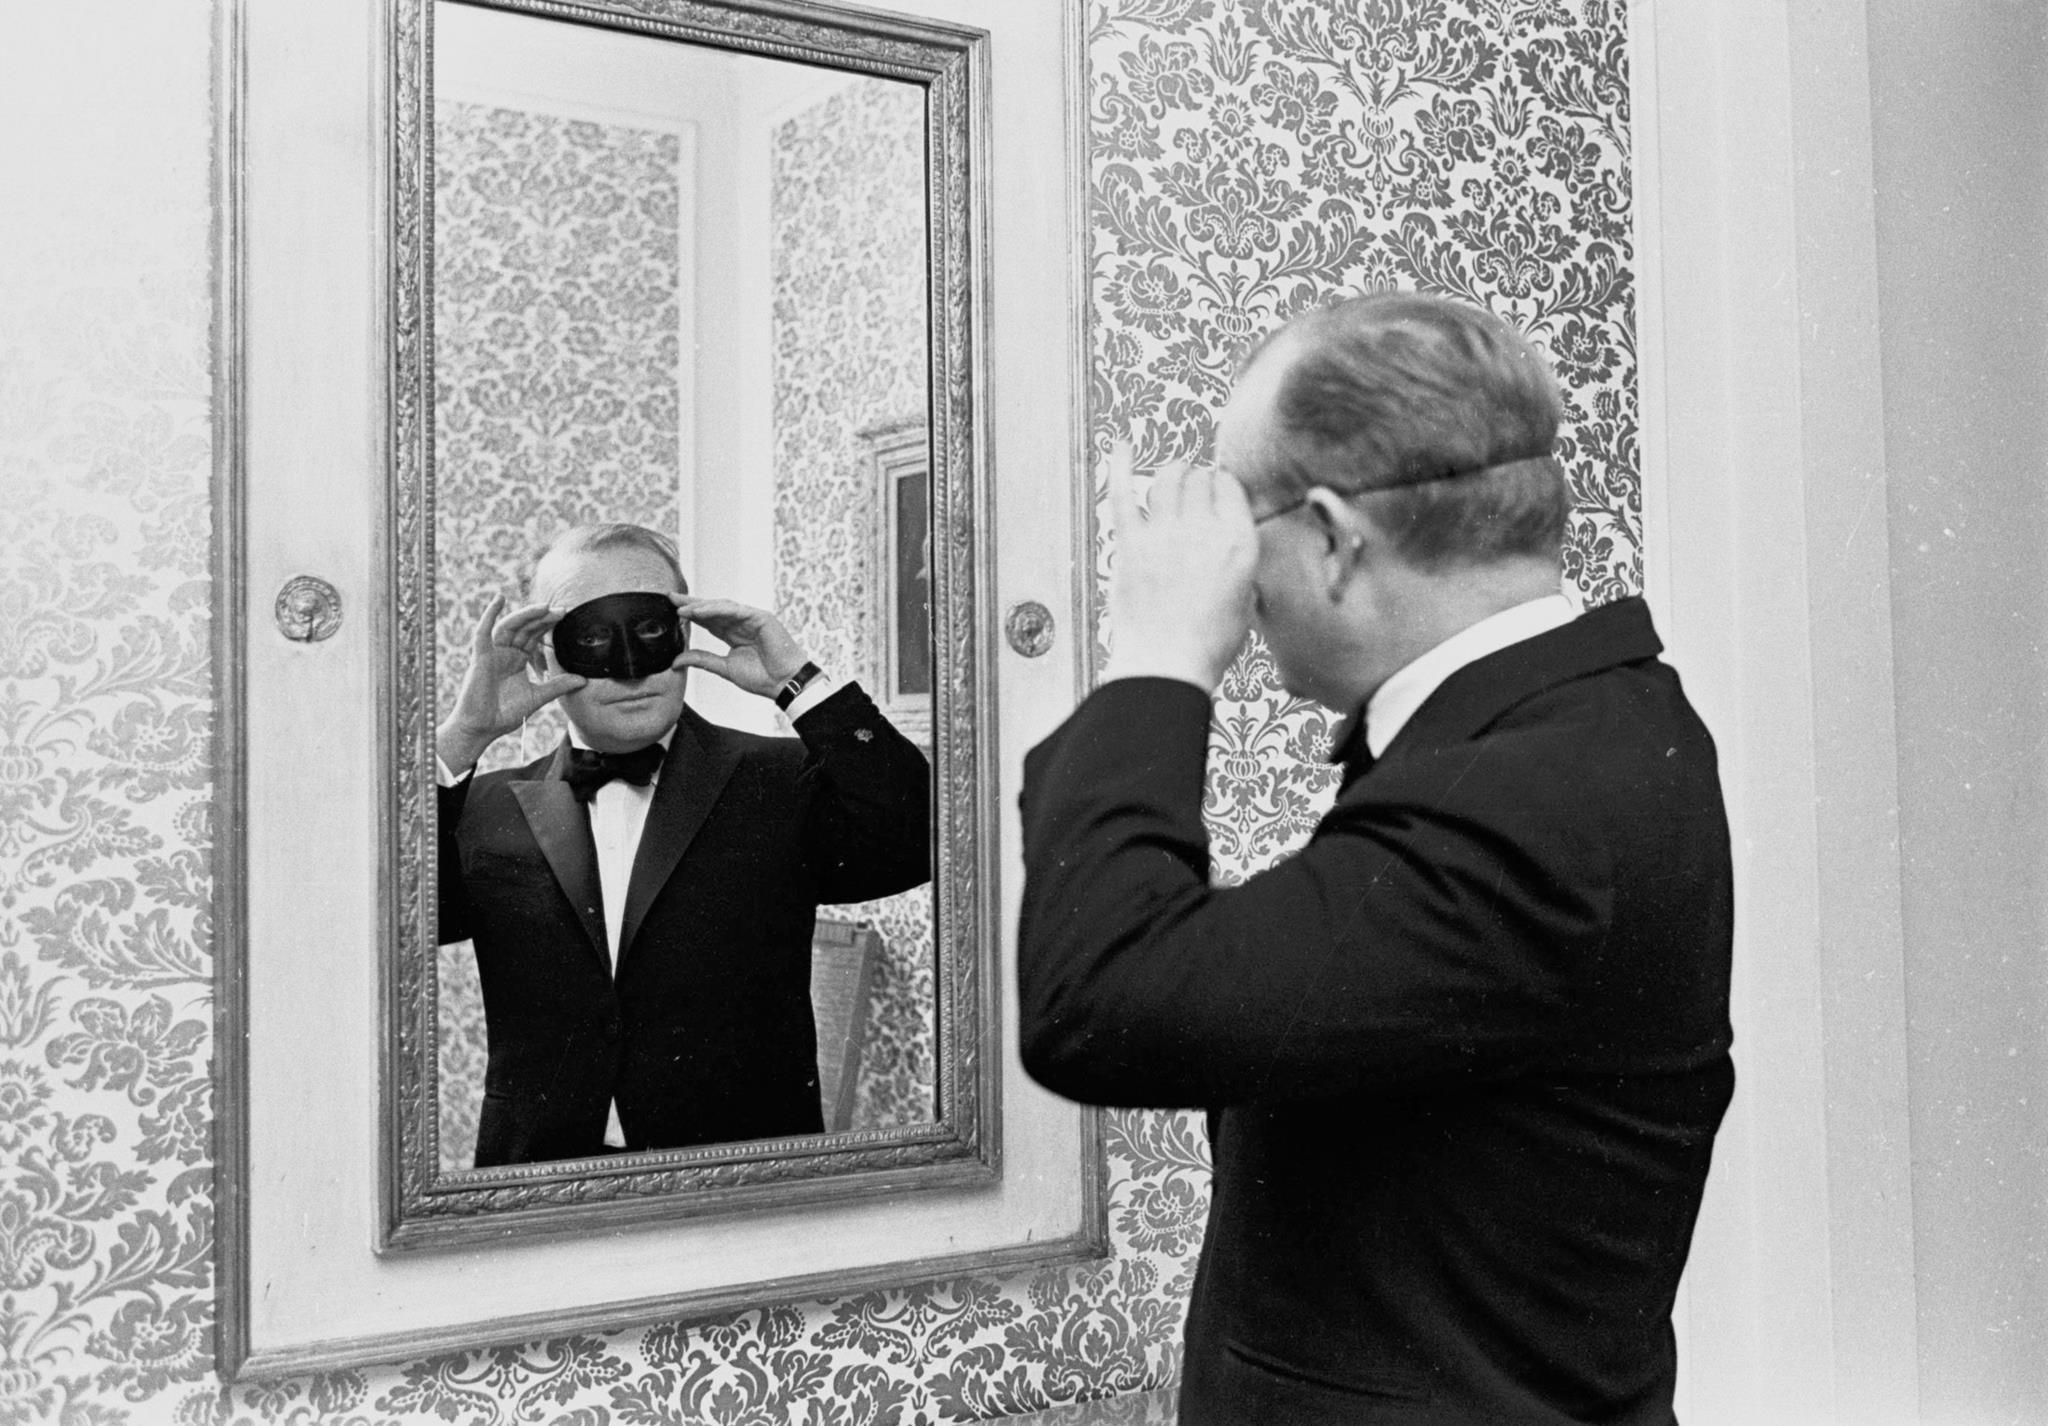 PÚBLICO - Truman Capote e <i>A Sangue Frio</i>: afinal havia outro